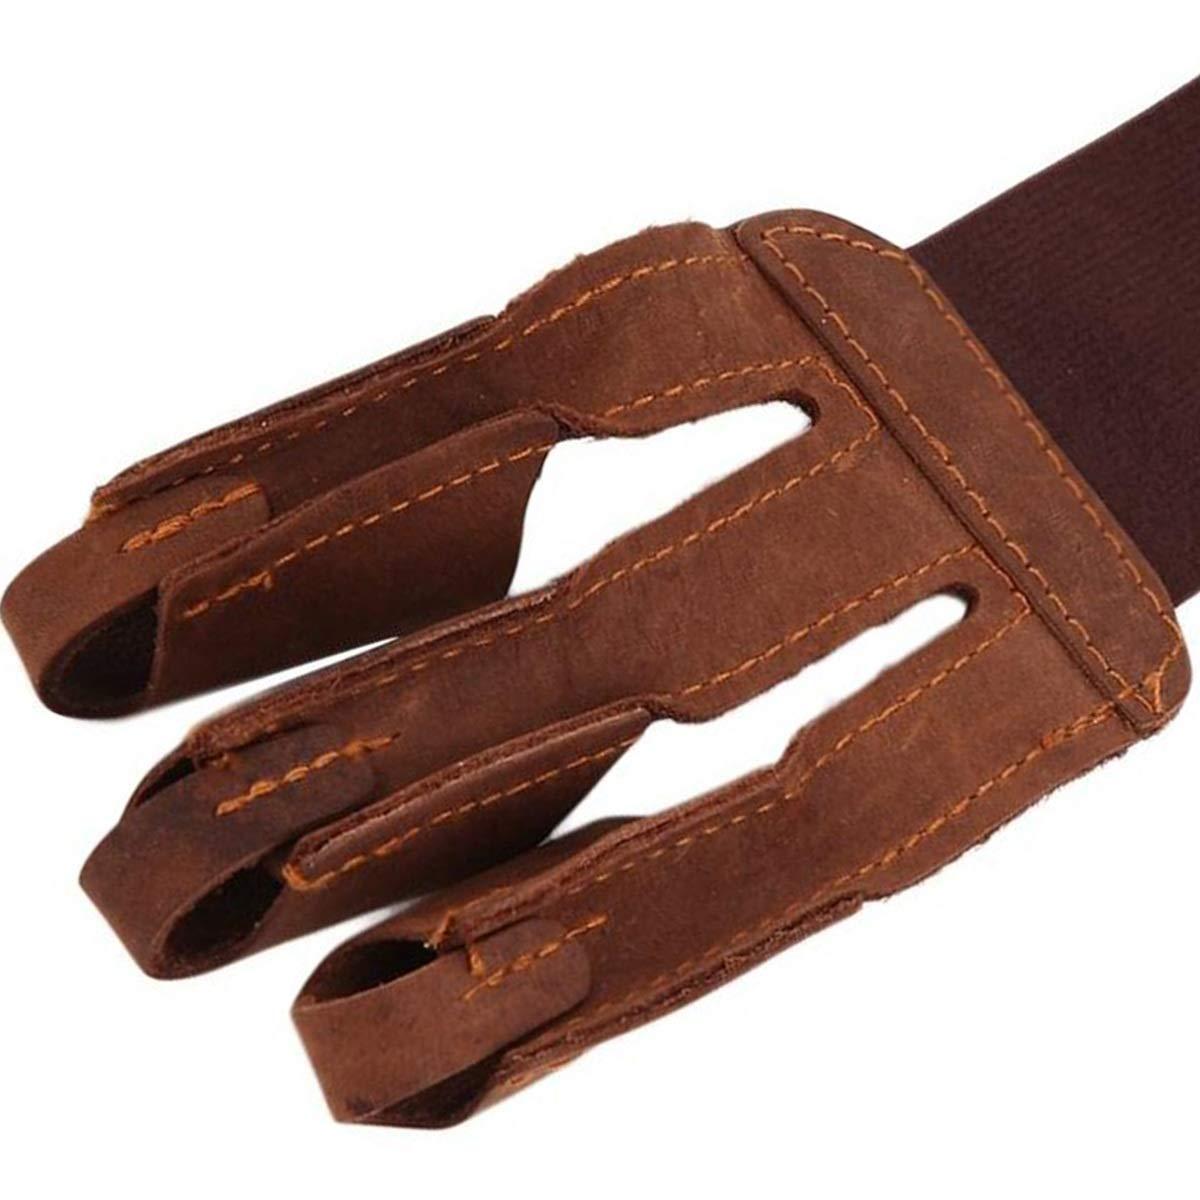 Nosii 1 st/ück 3-Finger Design bogenschie/ßen sch/ützen handschuh ziehen Bogen Pfeil bogenschie/ßen schie/ßen handschuh Leder einzigen handschuh